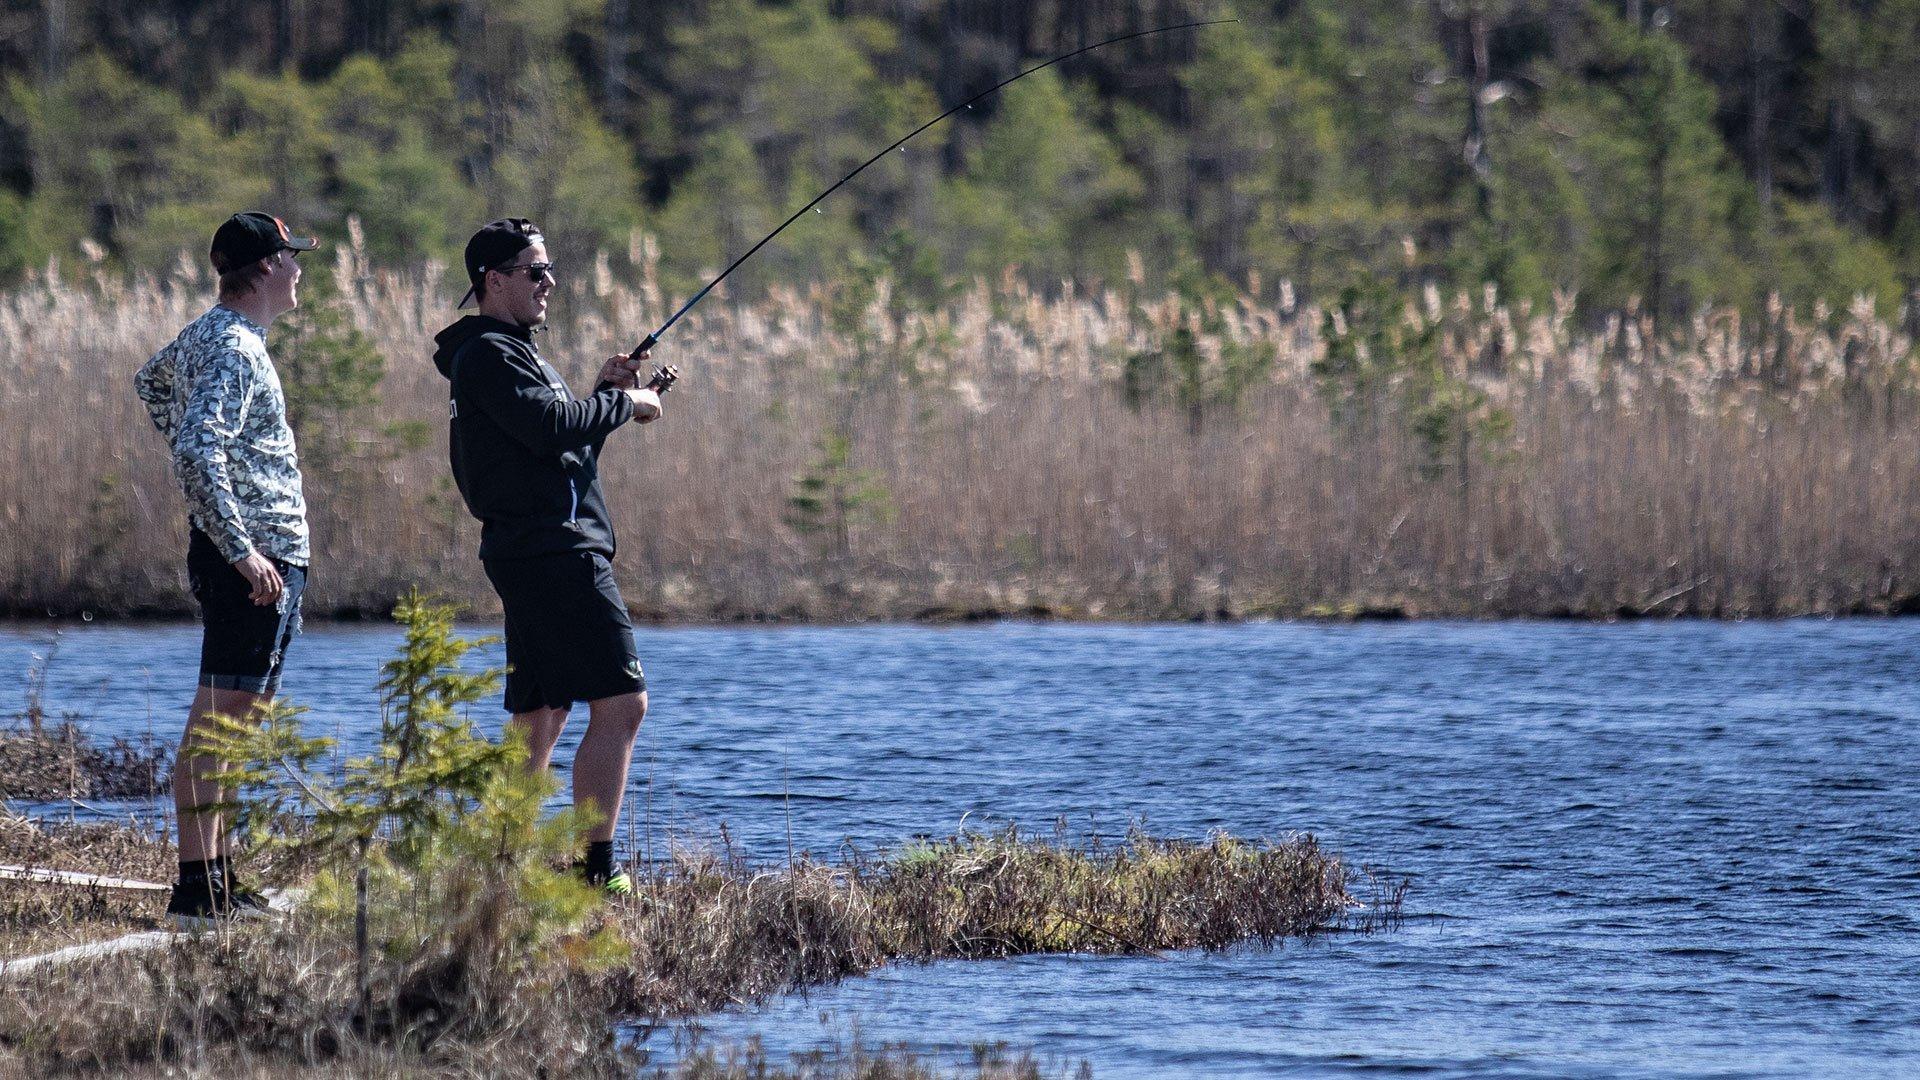 En eftermiddag med bättre väder än fiskelycka